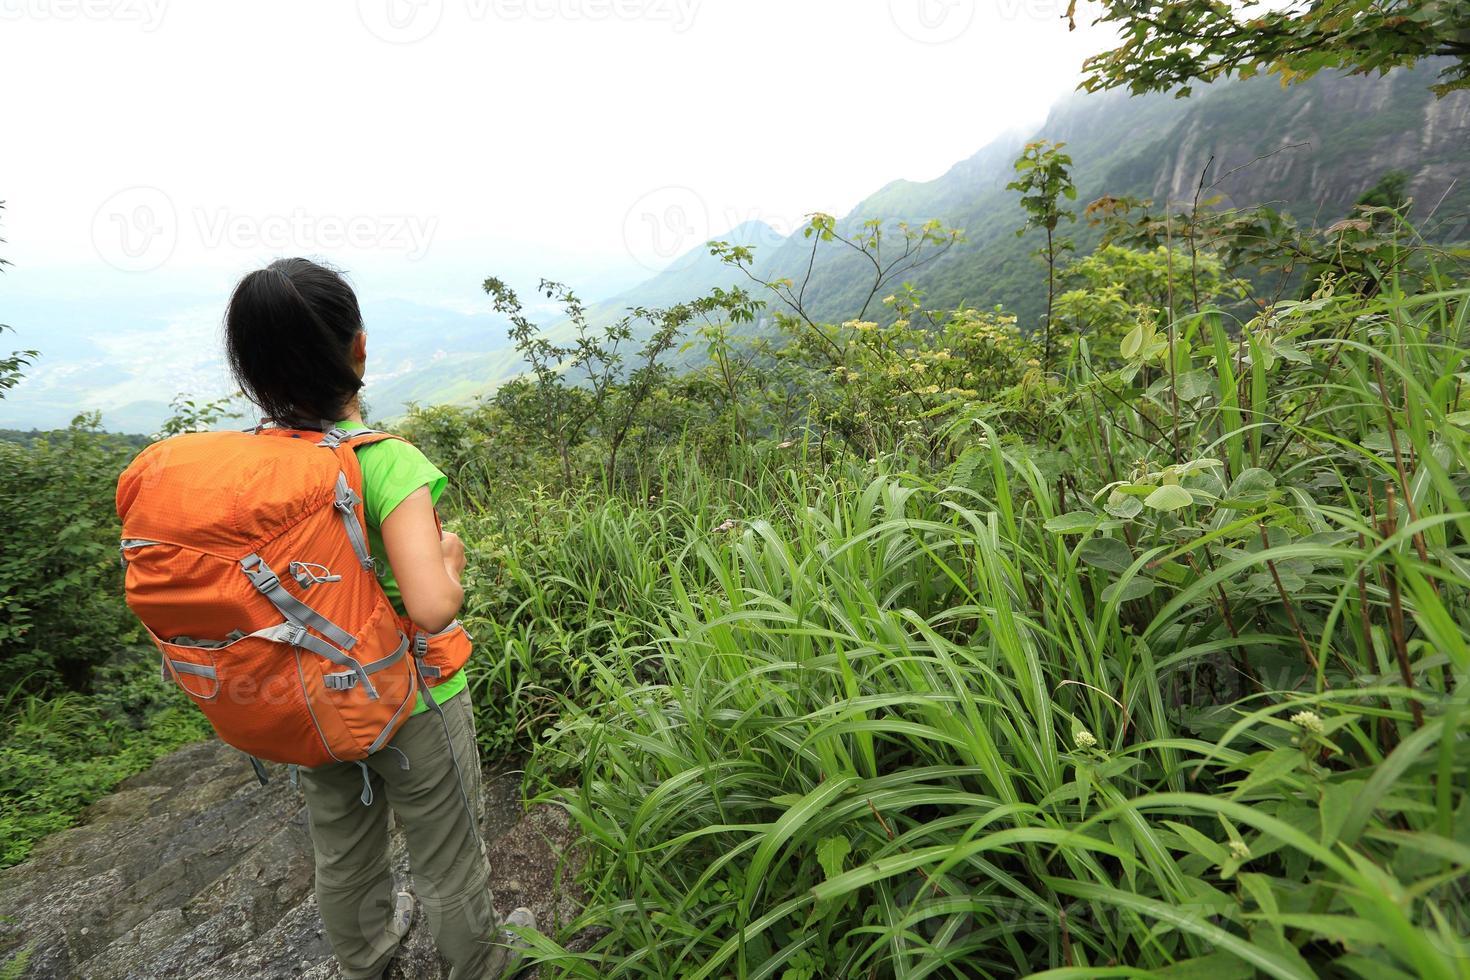 joven excursionista disfrutar del hermoso paisaje en el pico de la montaña foto